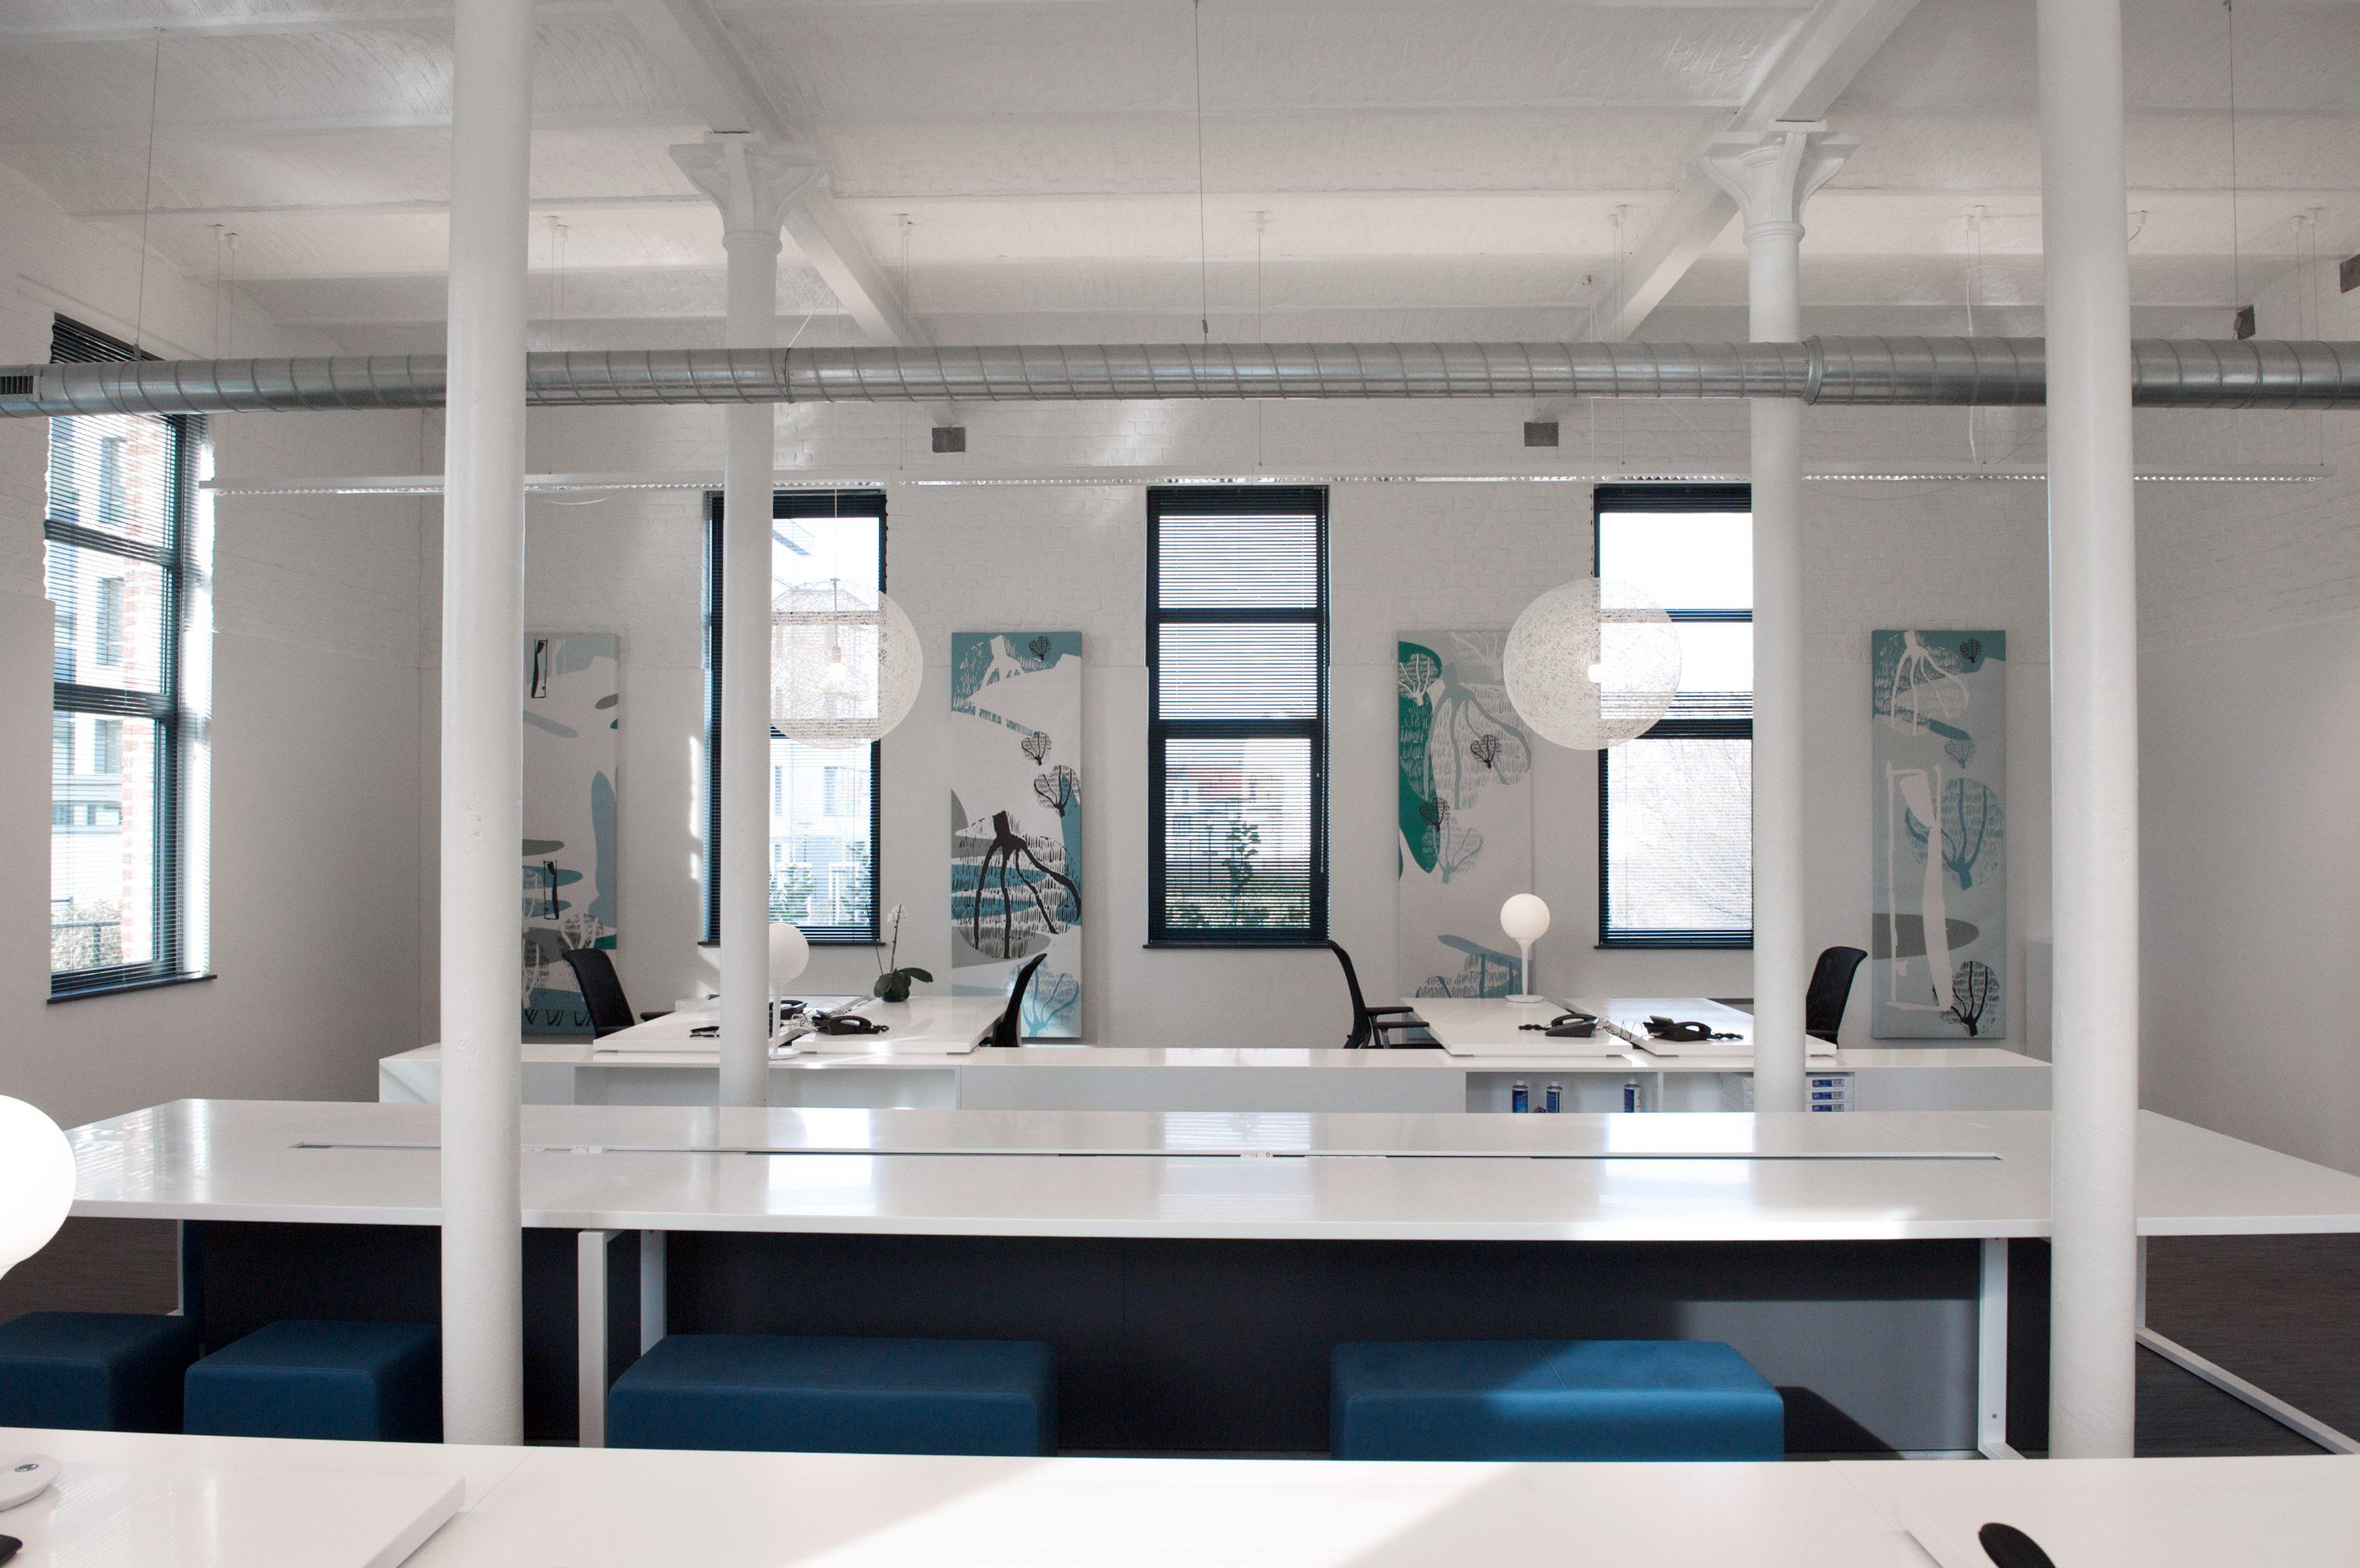 werk-bench voor flex werken